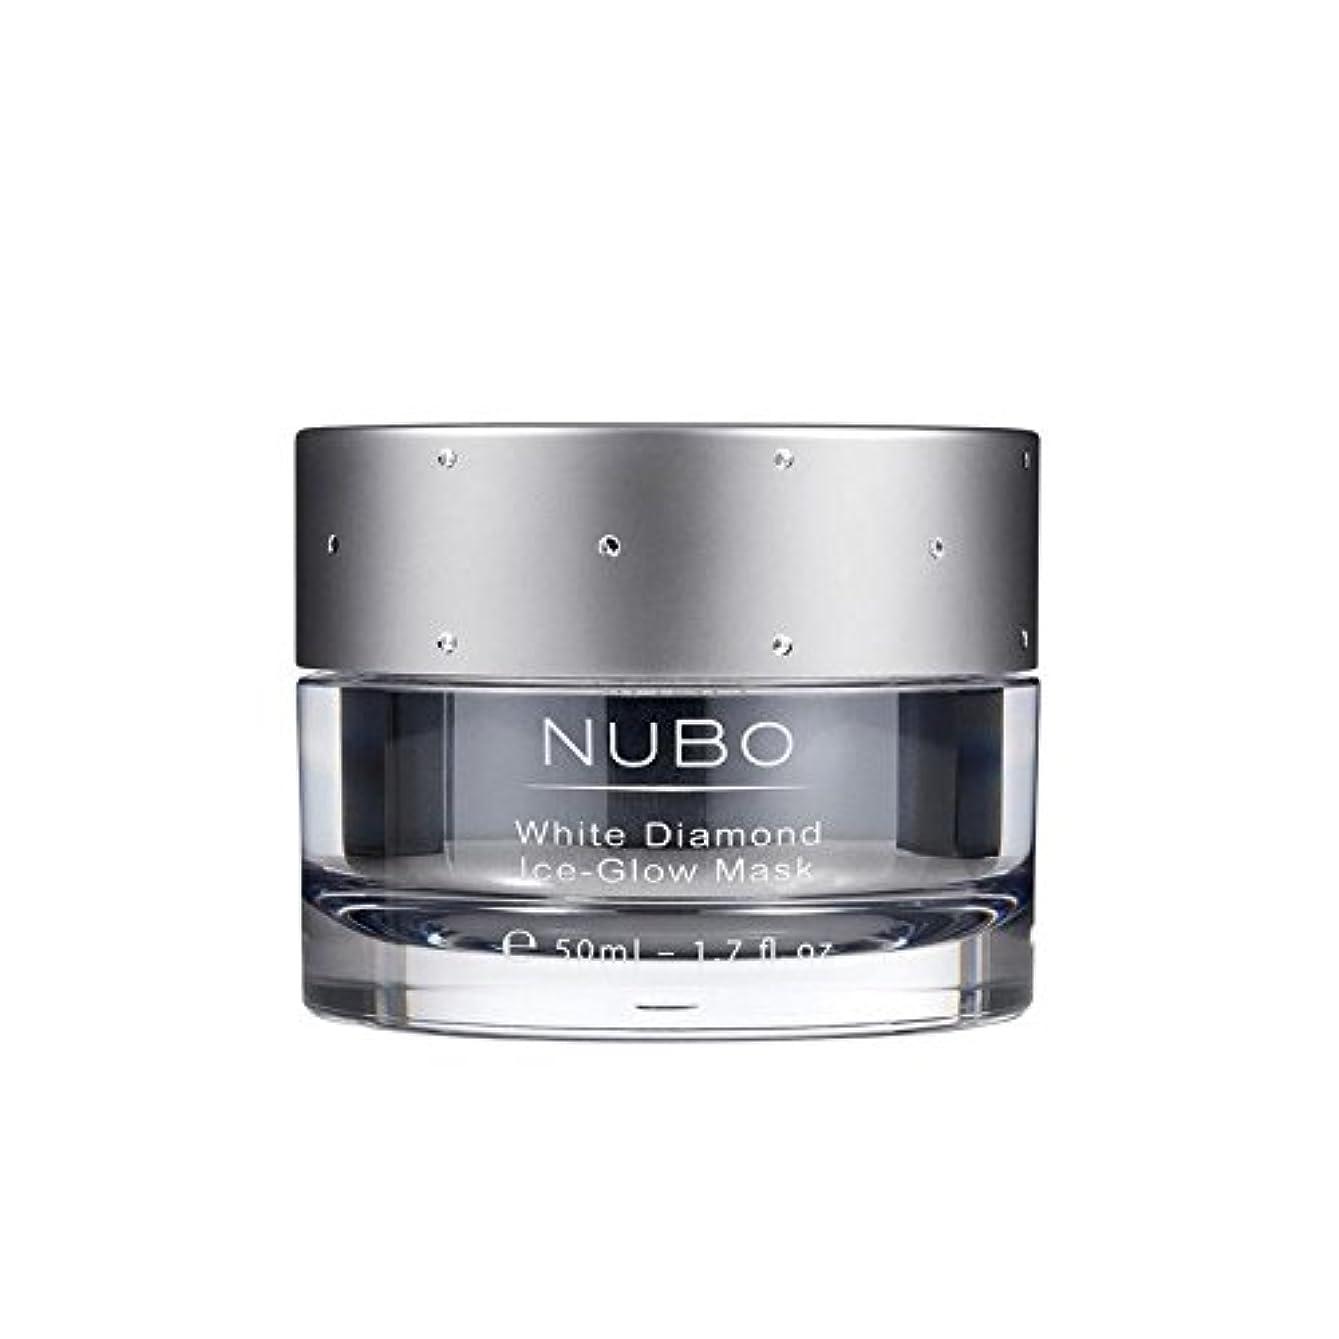 話をする素晴らしい良い多くの弱点Nubo White Diamond Ice Glow Mask 50ml (Pack of 6) - 白いダイヤモンドの氷のグローマスク50ミリリットル x6 [並行輸入品]